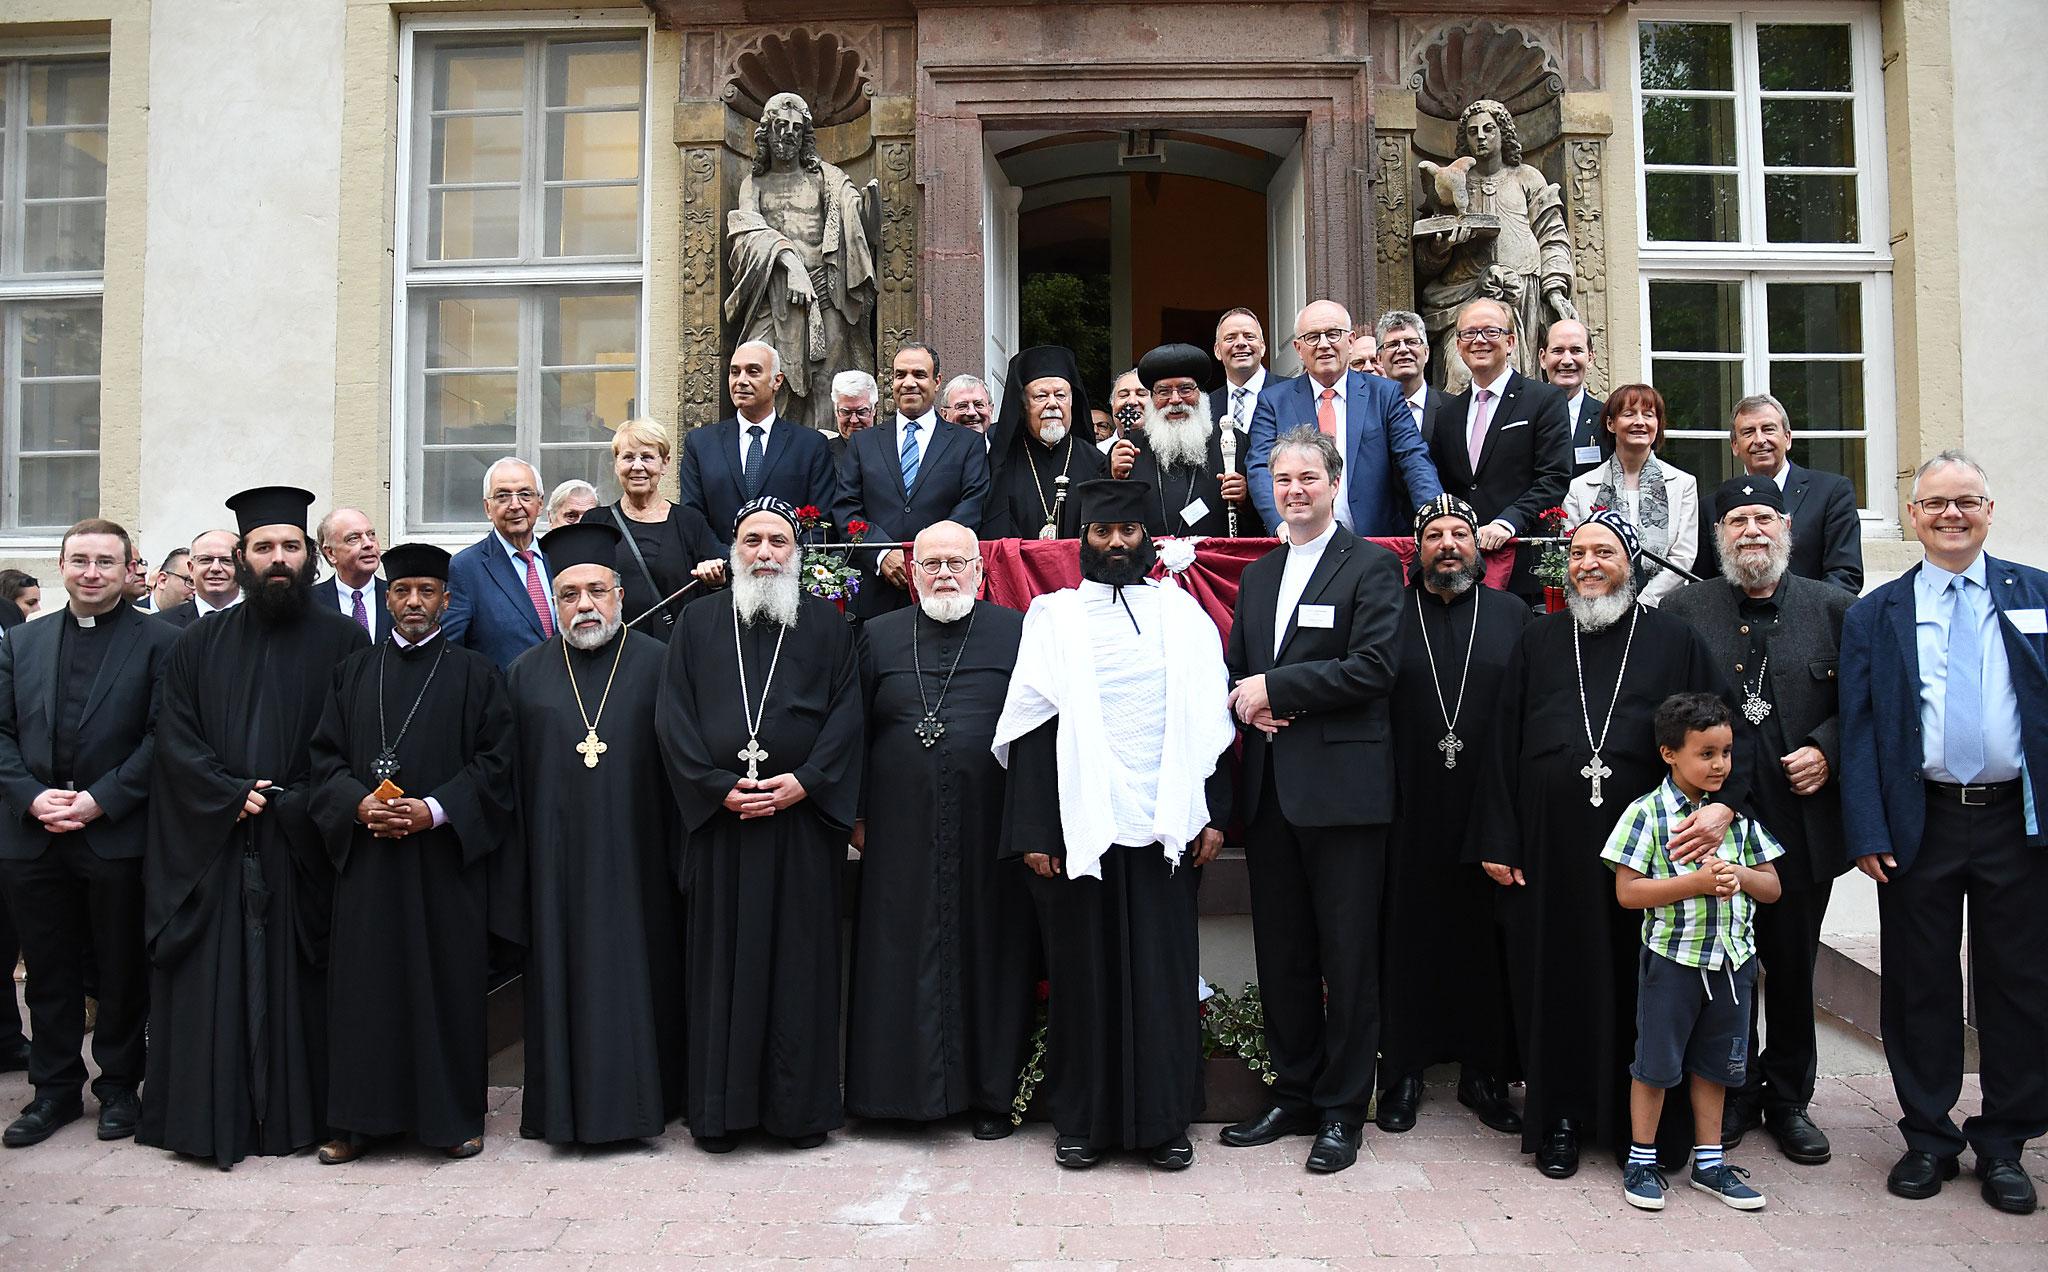 Alle weltlichen und geistlichen Ehrengäste vereint vor dem Eingang des Koptischen Klosters. Foto: Maria Hopp